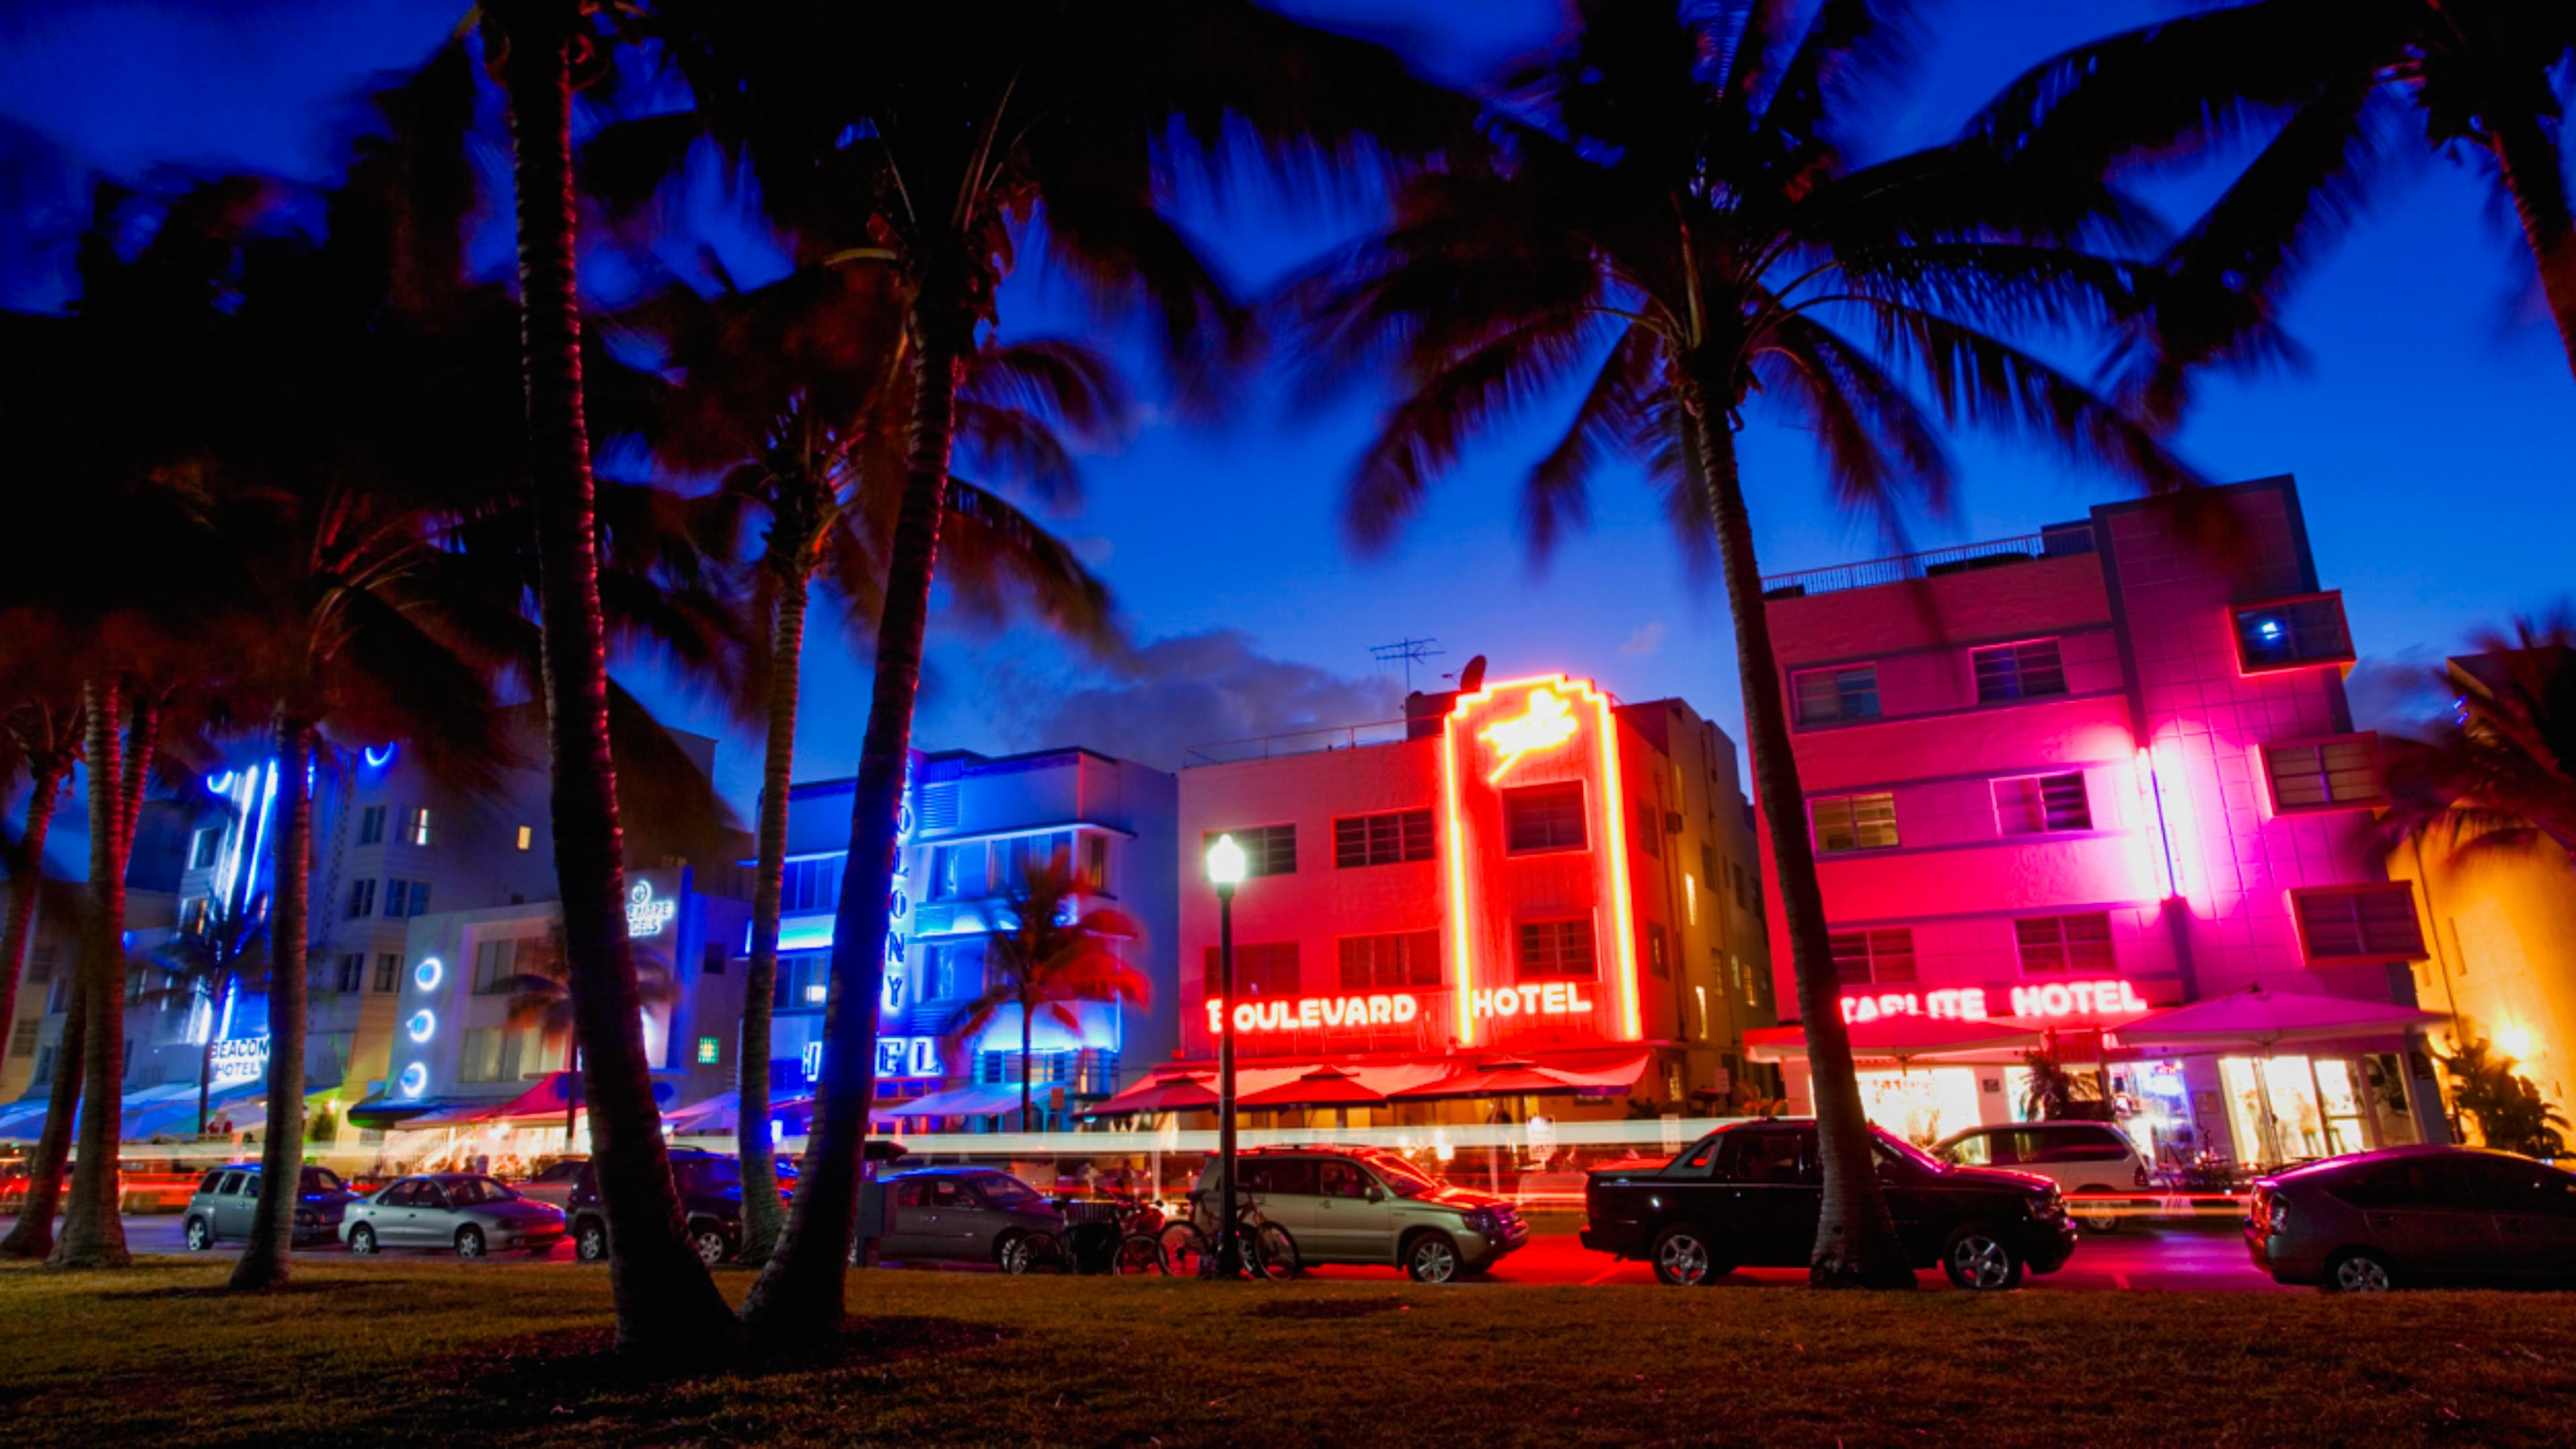 Modernos edificios a lo largo de una avenida con letreros iluminados con neón y palmeras